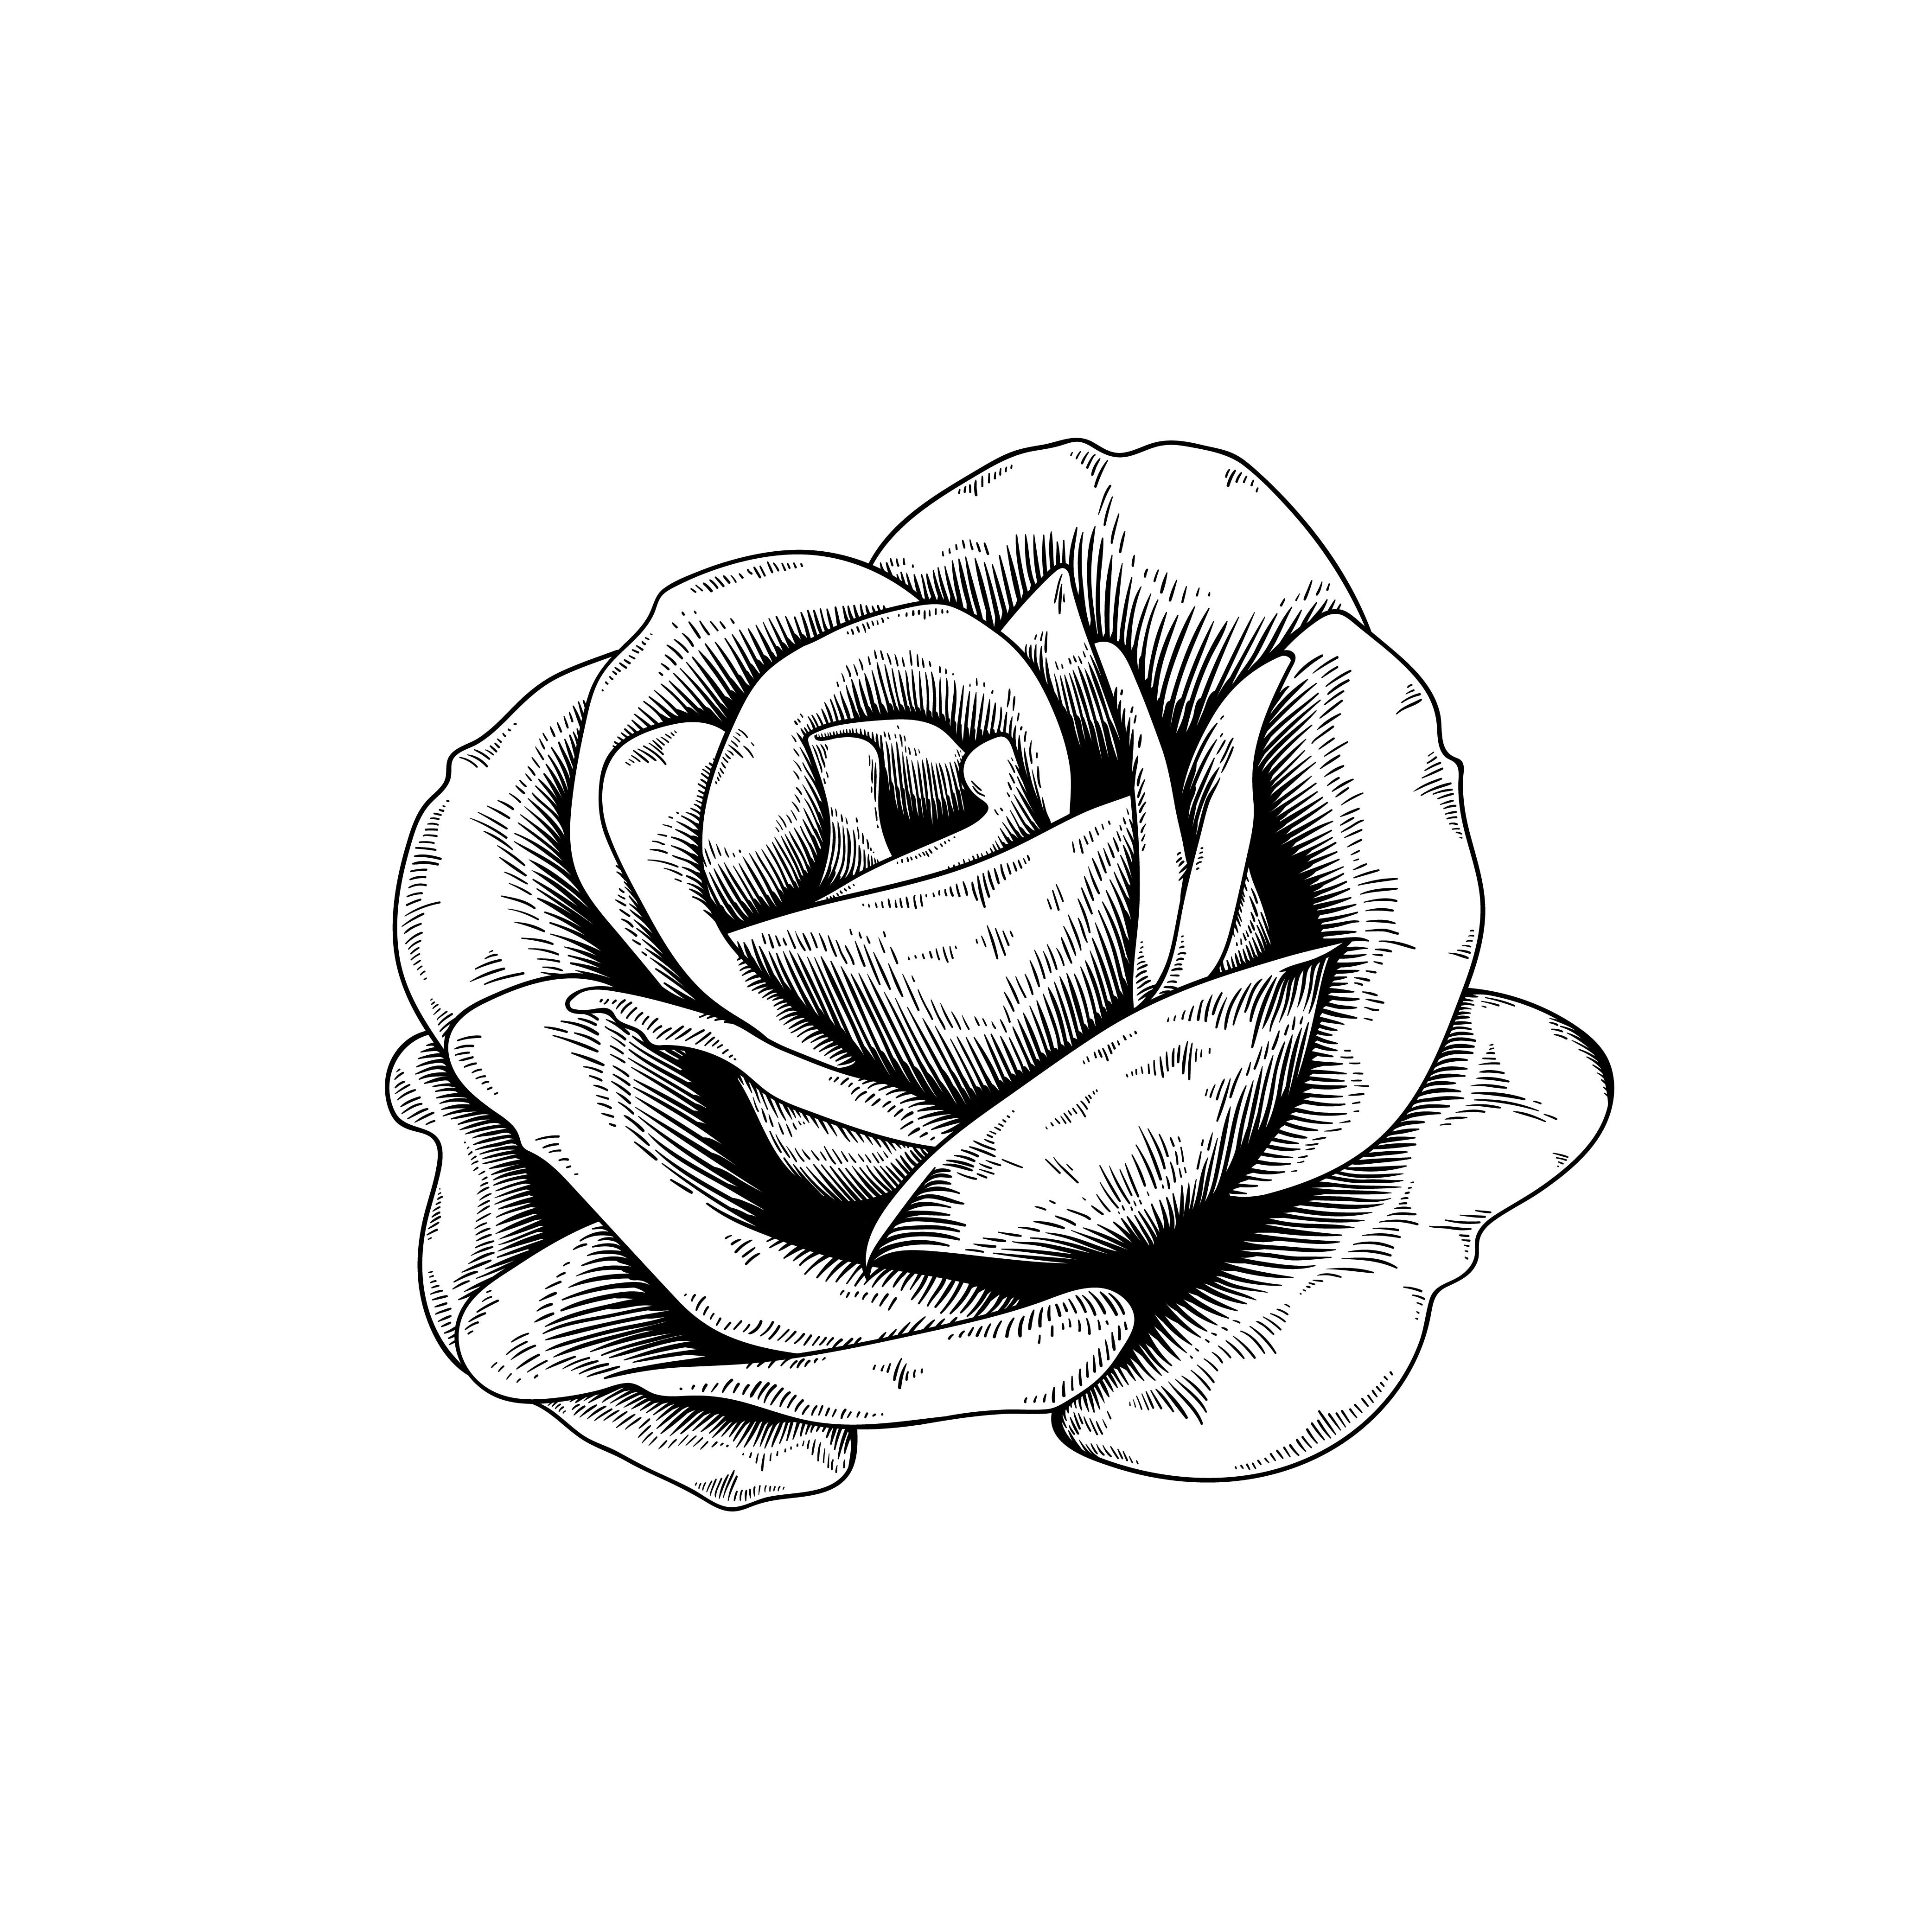 玫瑰花手繪 免費下載   天天瘋後製